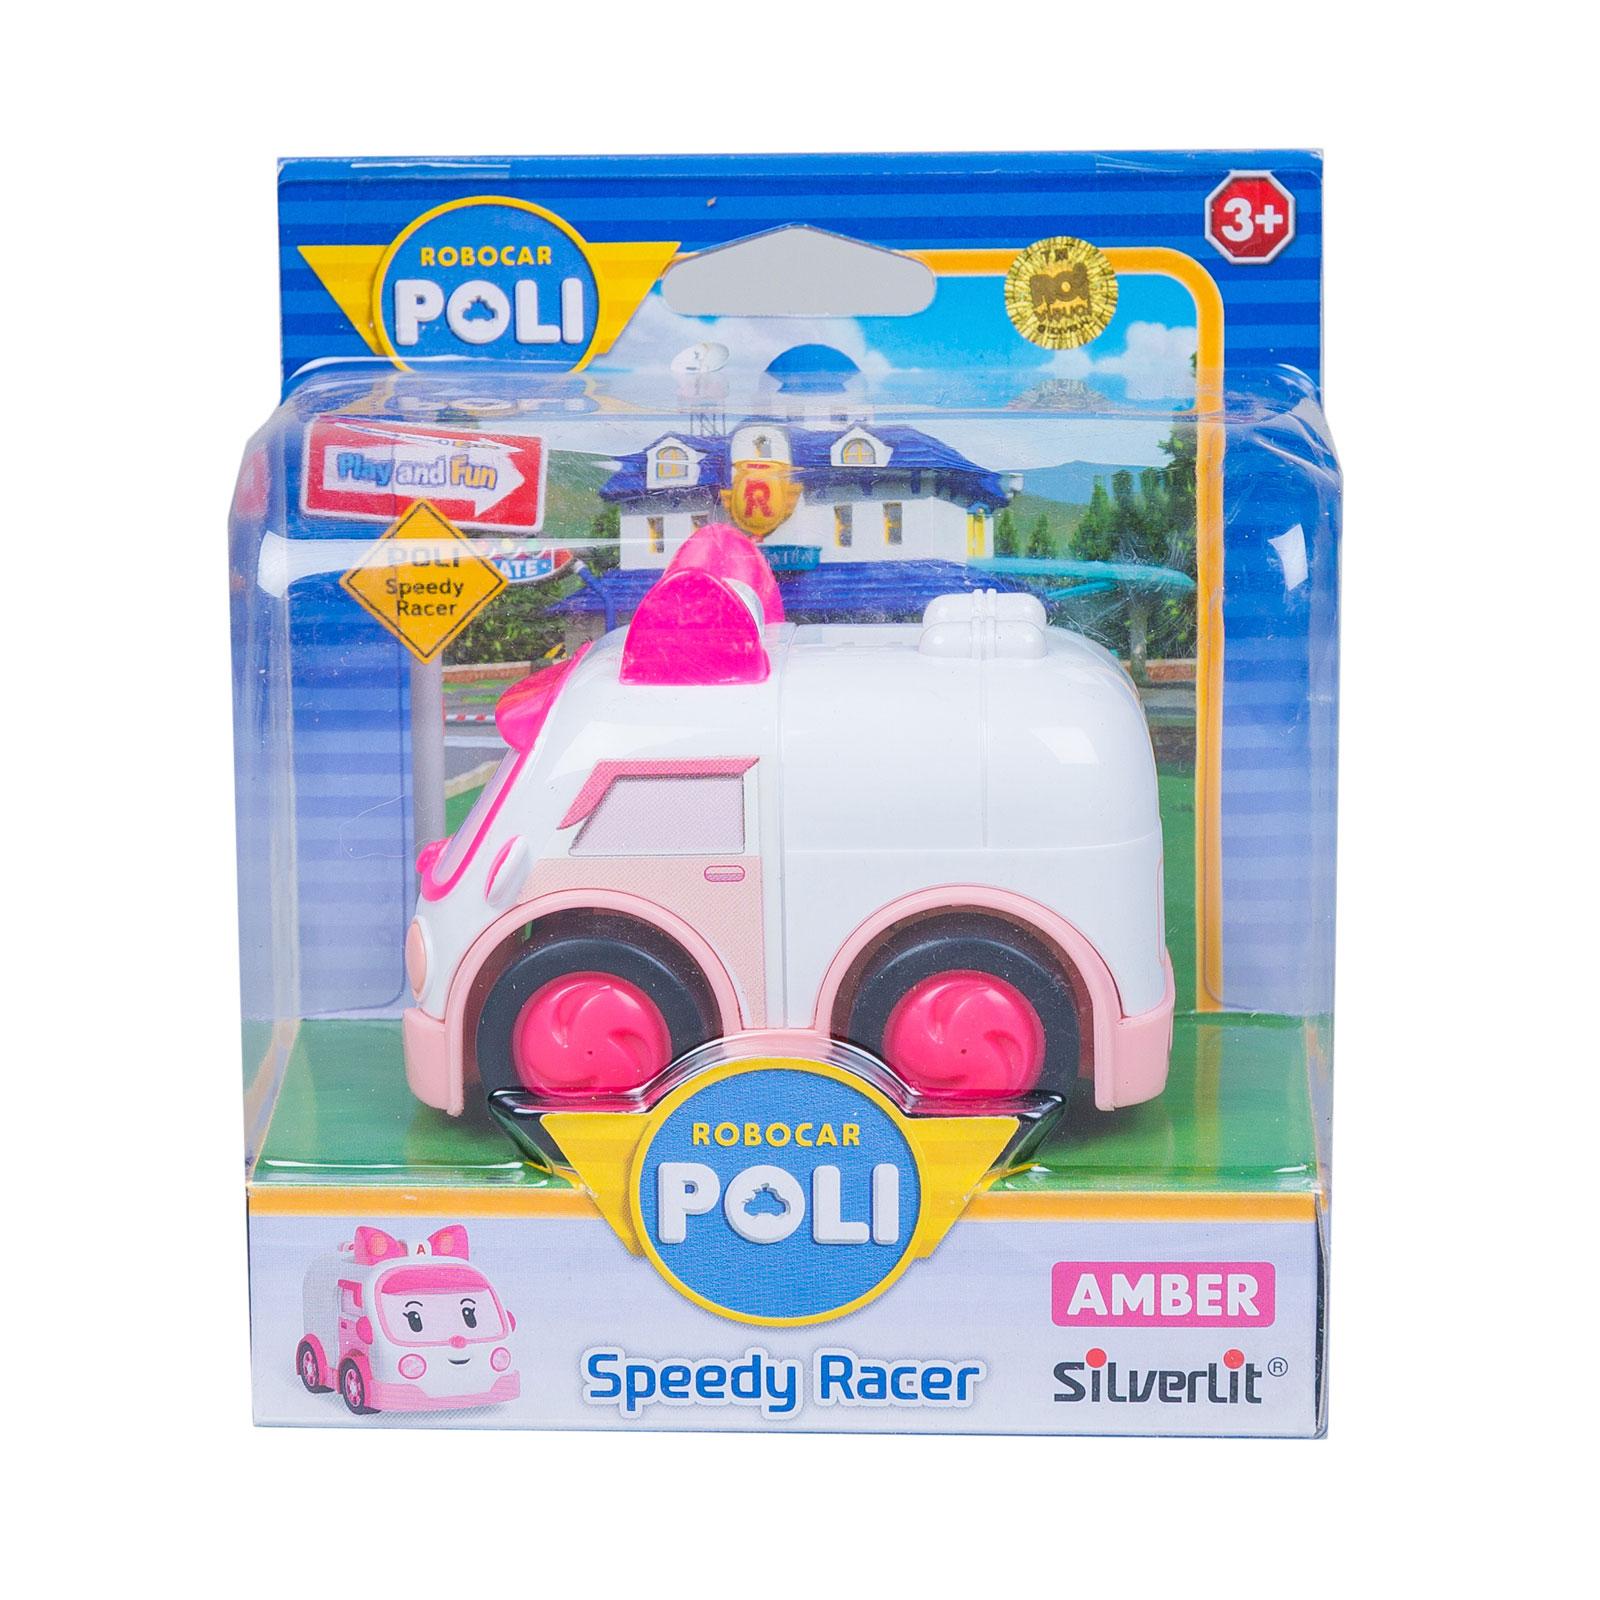 Машинки Silverlit Poli Robocar инерционные 8 см Скорая помощь 8 см с 3 лет<br>